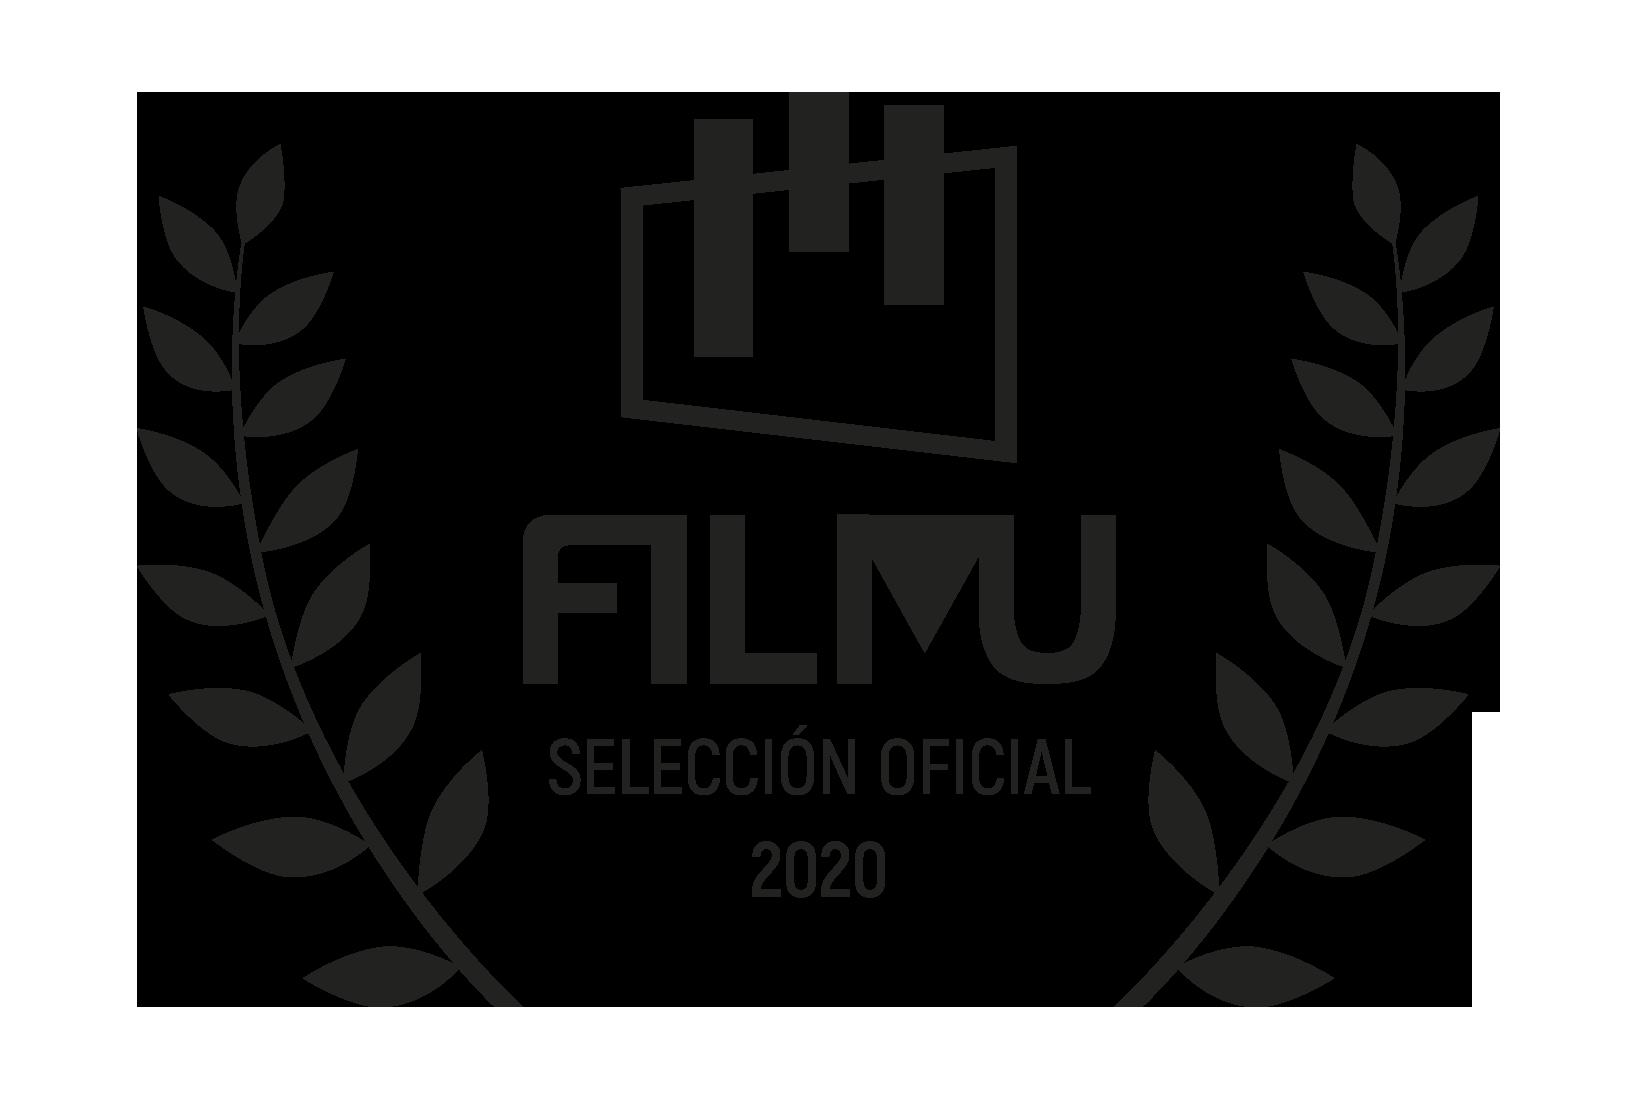 Laurel selección oficial FILMU